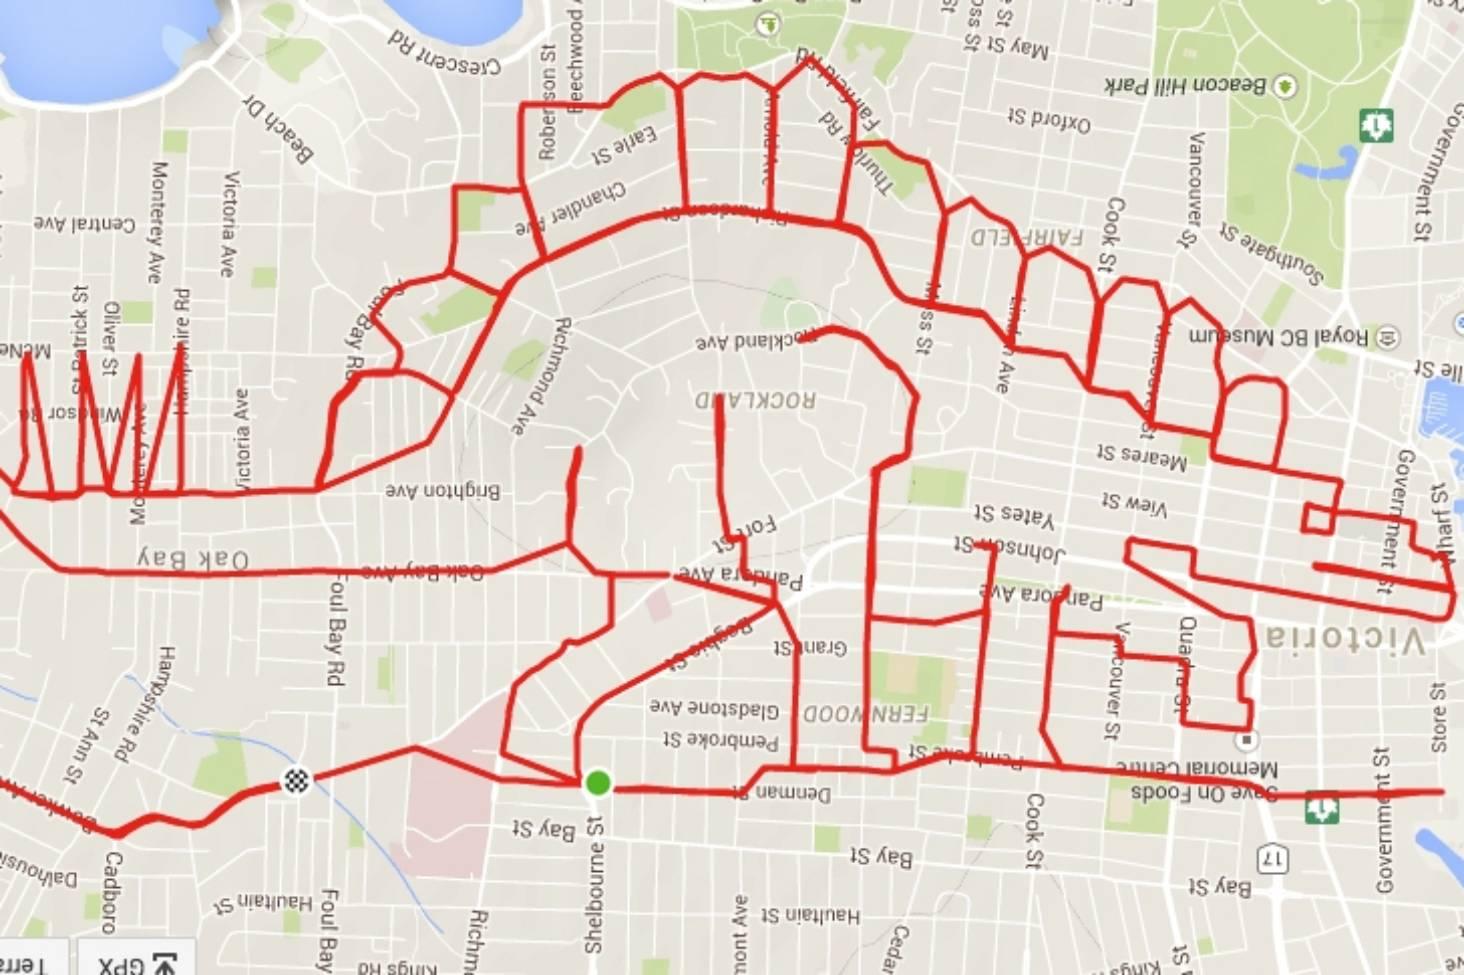 Tegn med GPS - doodles og Strava kunst